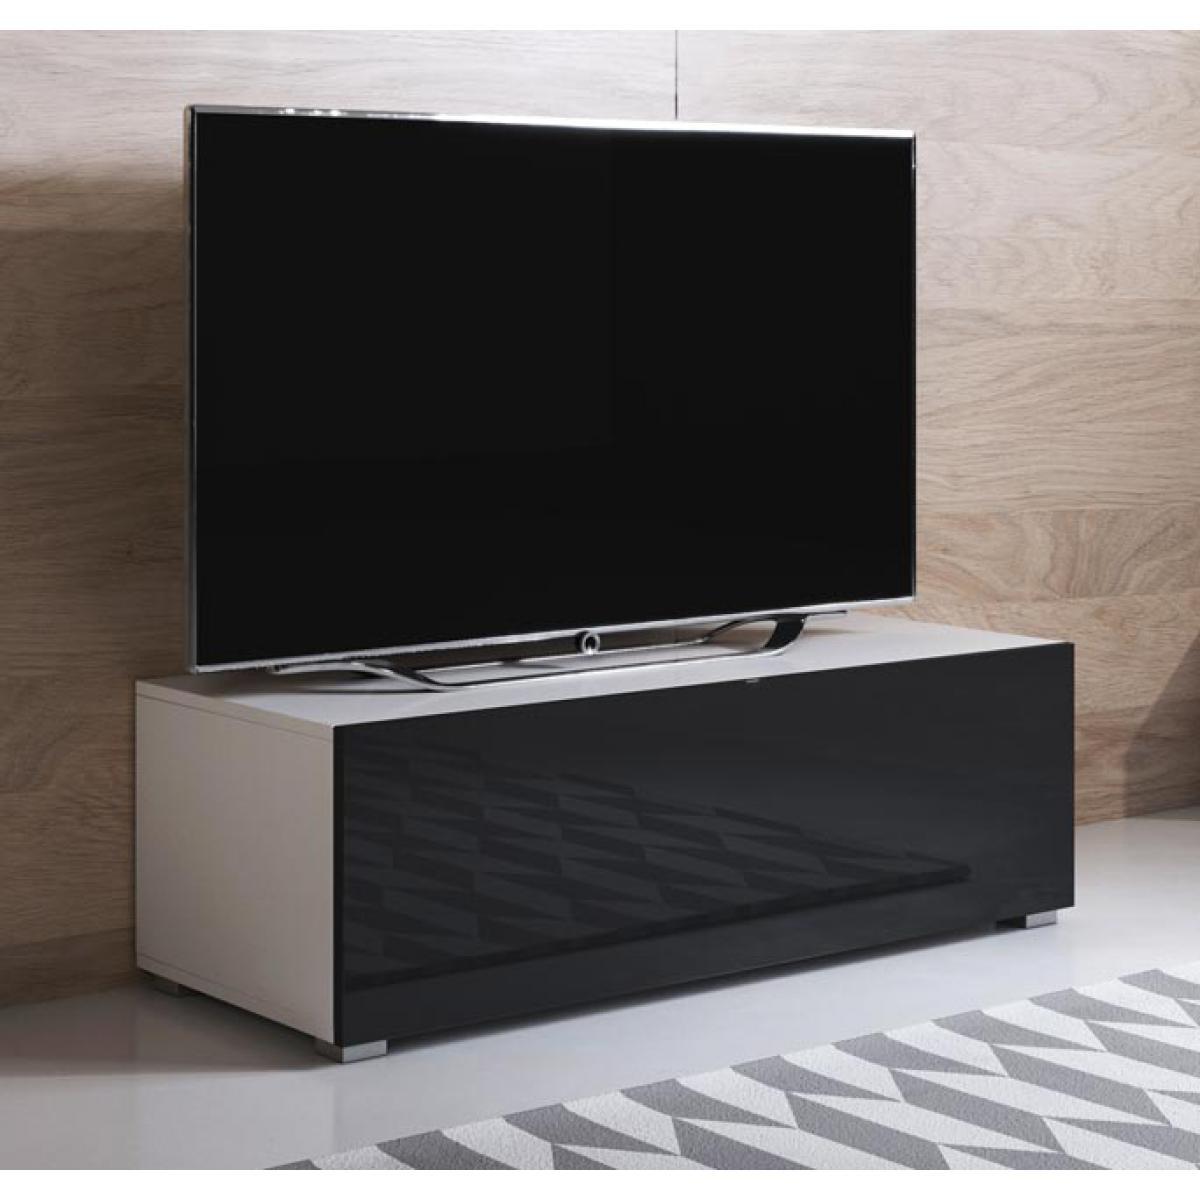 Design Ameublement Meuble TV modèle Luke H1 (100x32cm) couleur blanc et noir avec pieds standard